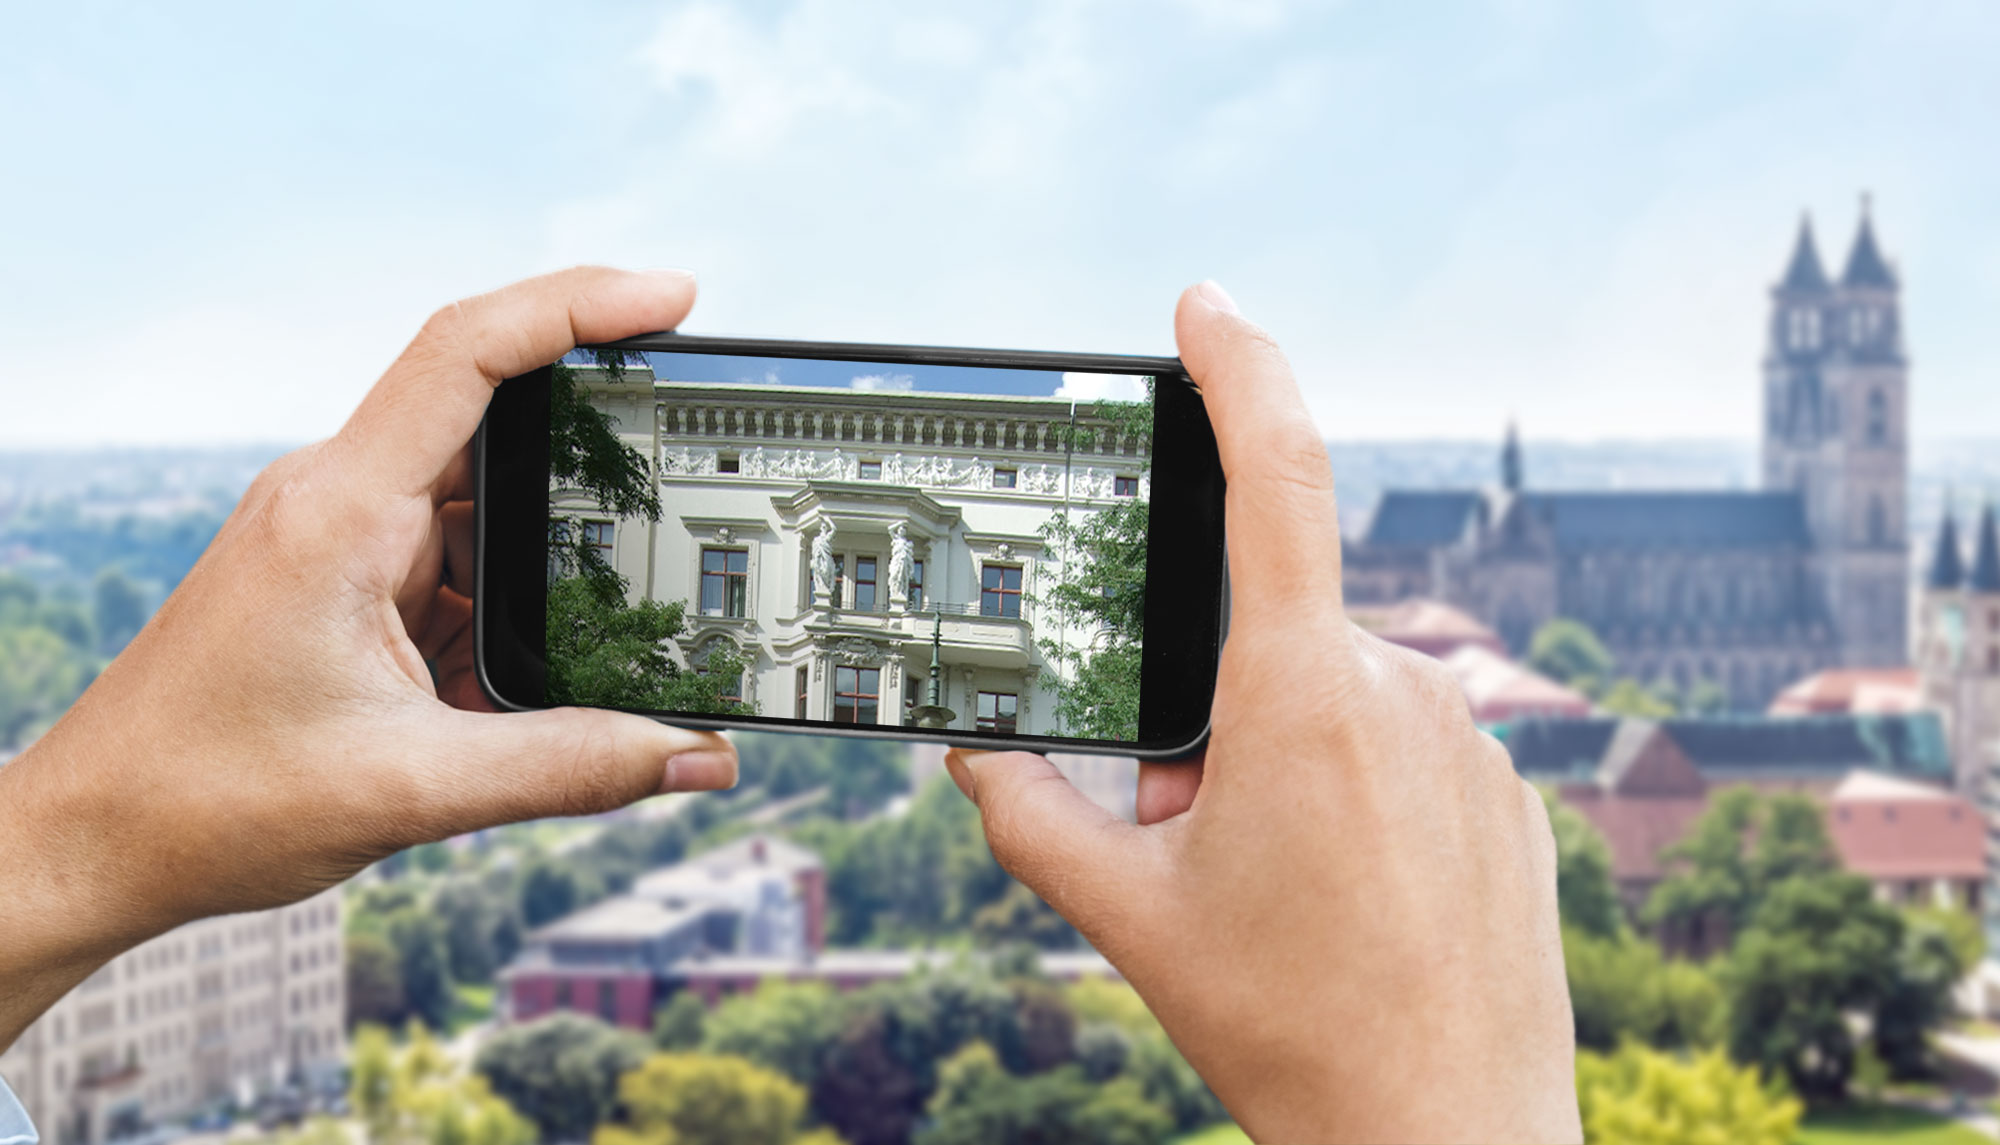 Teaserbild zur Immobilienverwaltung